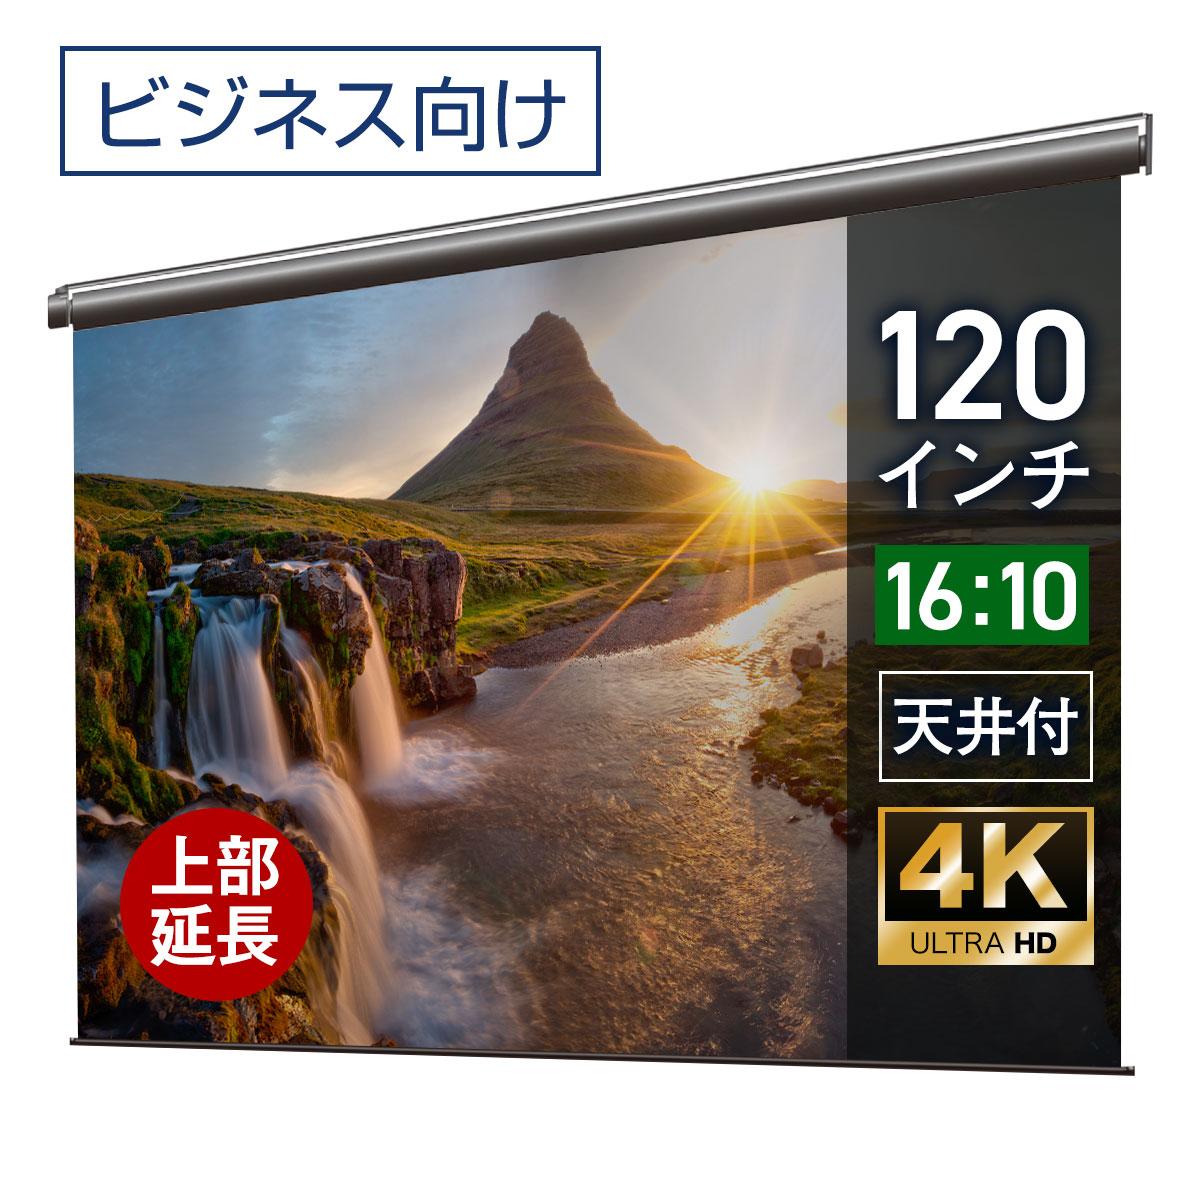 シアターハウス プロジェクタースクリーン 電動スクリーン ケースなし 120インチ(16:10)WXGA マスクフリー ロングタイプ 日本製 BDR2585FEH-H2500